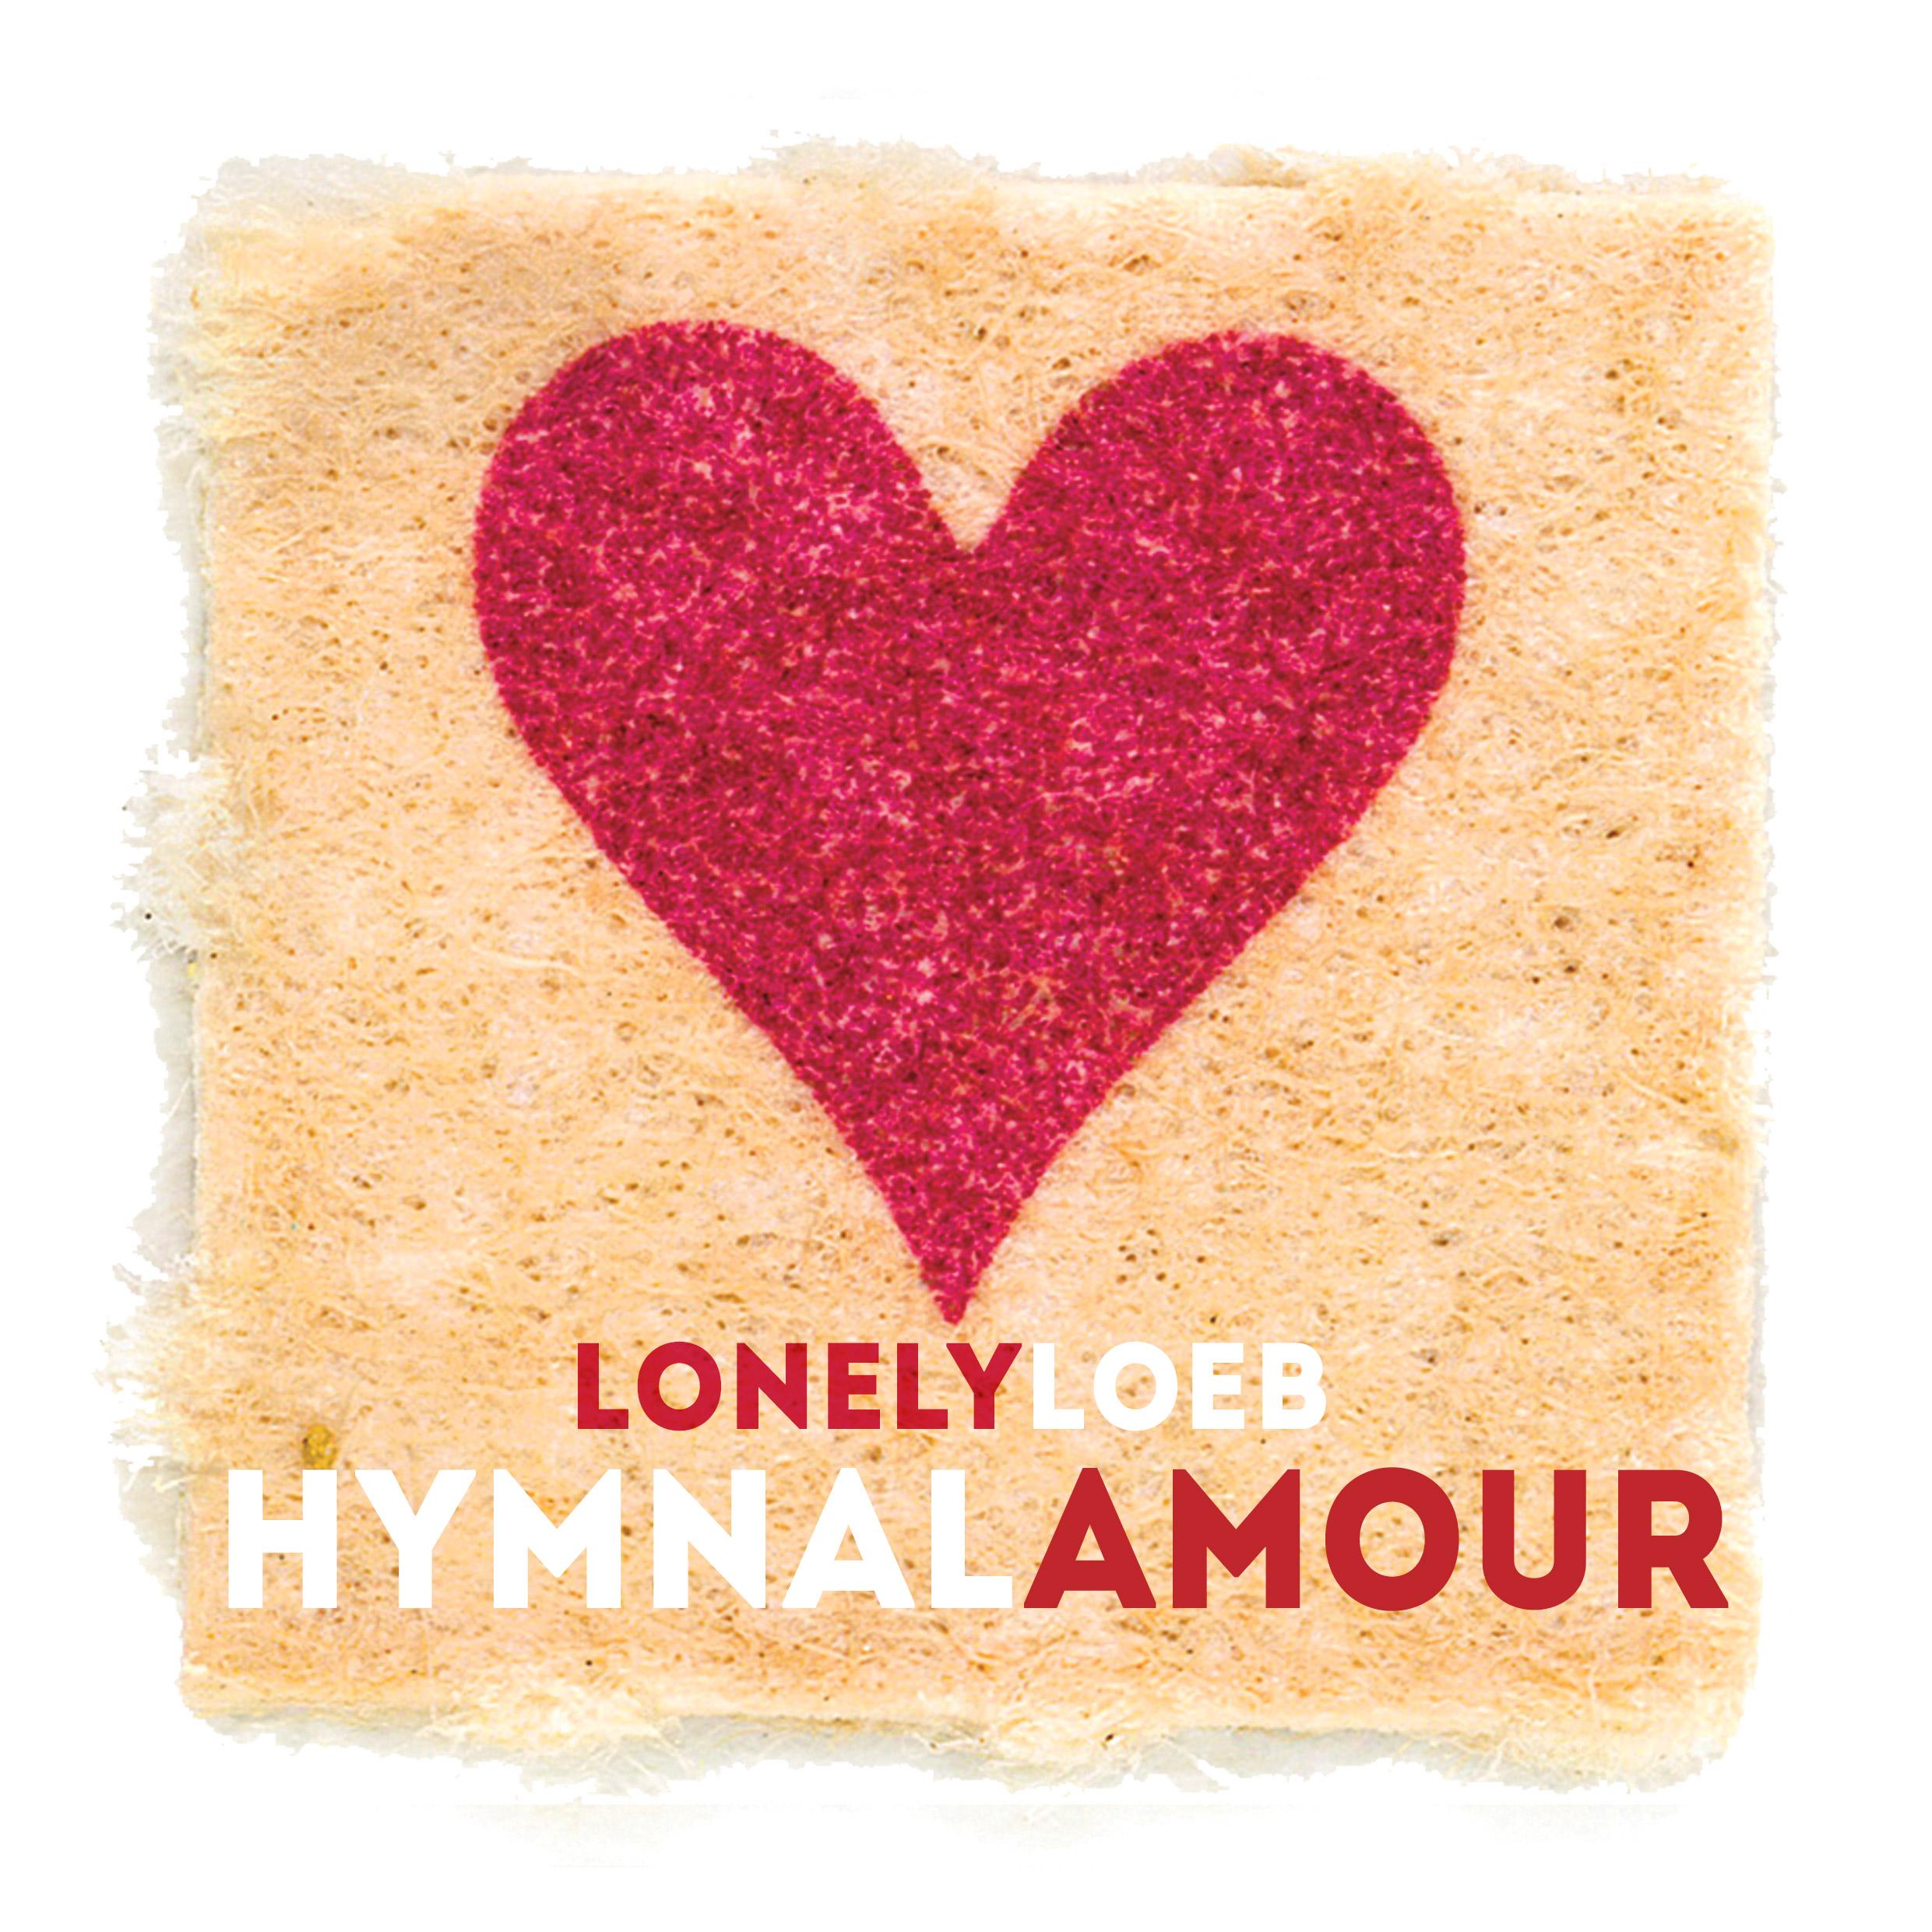 Hymnalamour